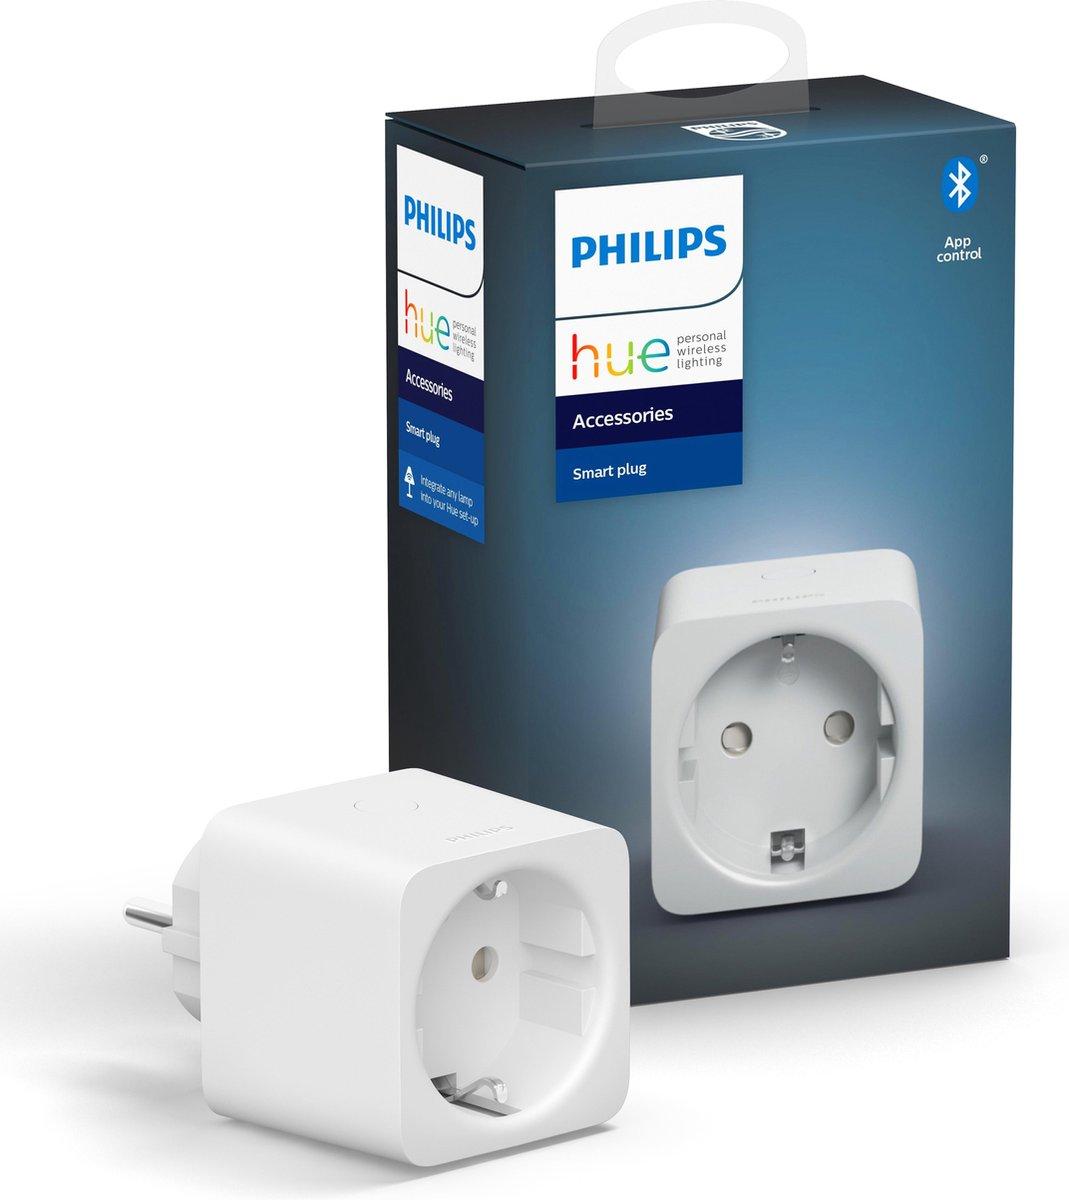 Philips Hue Smart plug Slimme Stekker - Nederland